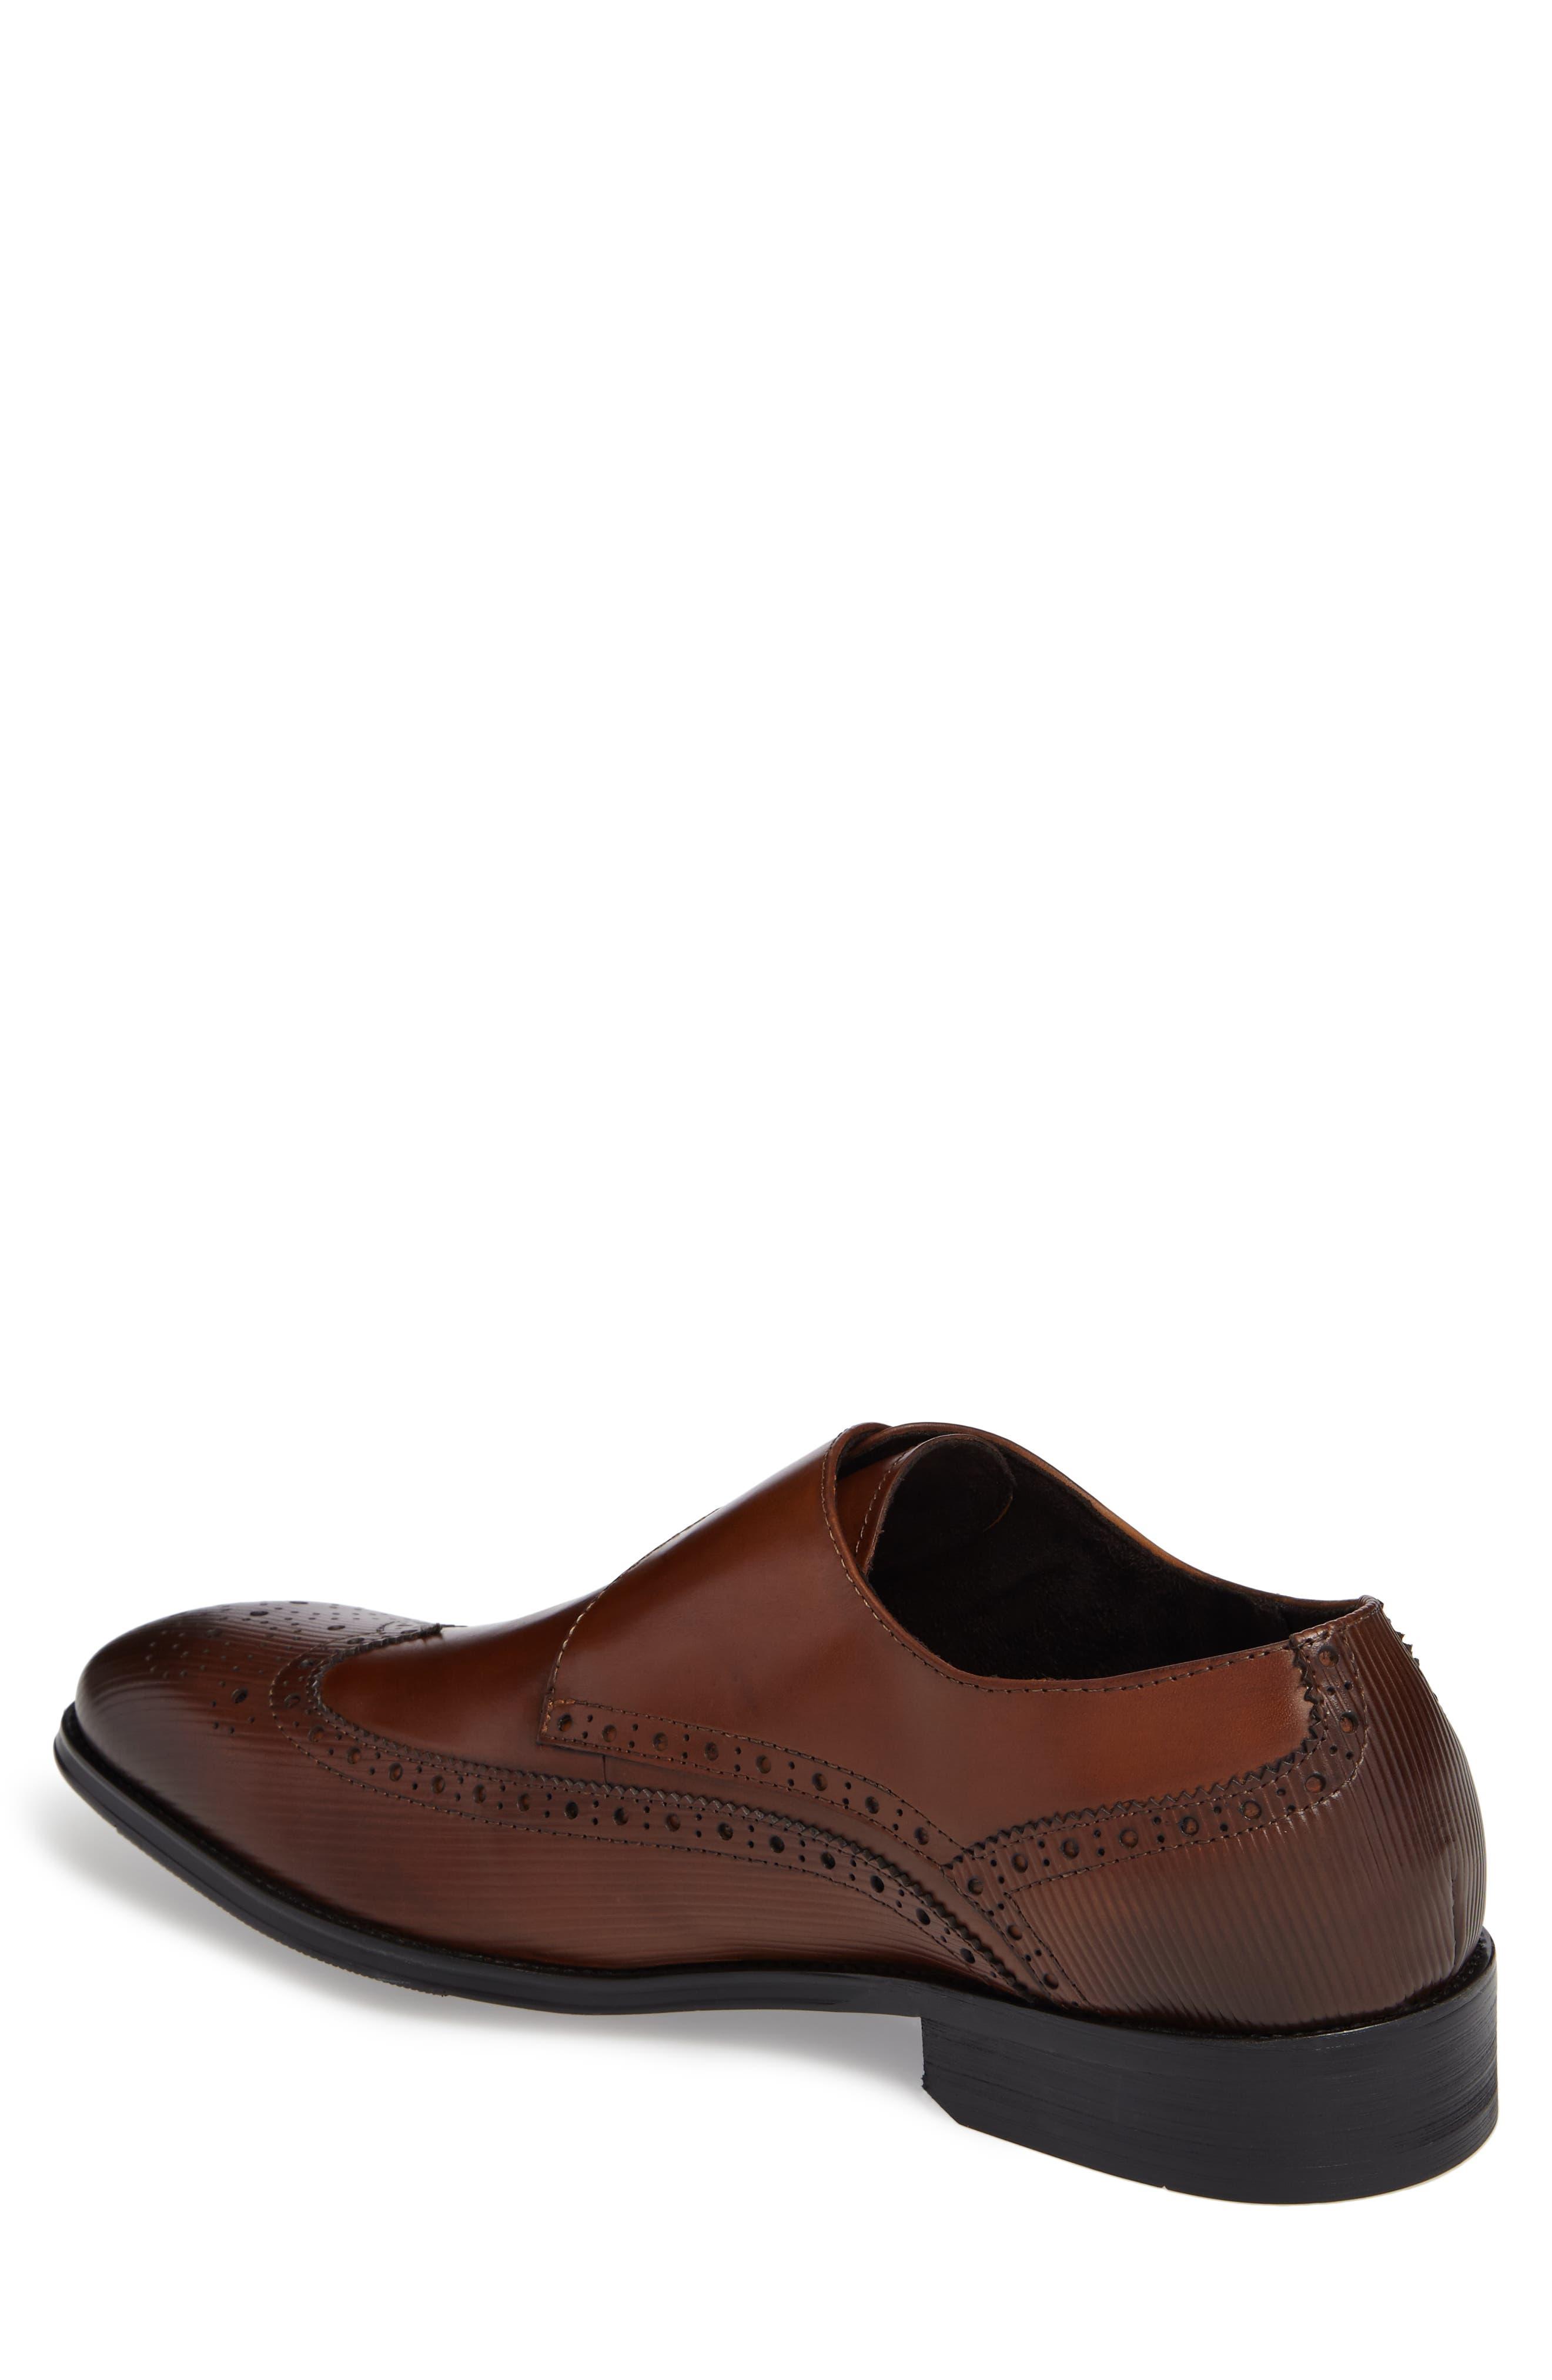 Design Monk Strap Shoe,                             Alternate thumbnail 2, color,                             Cognac Leather